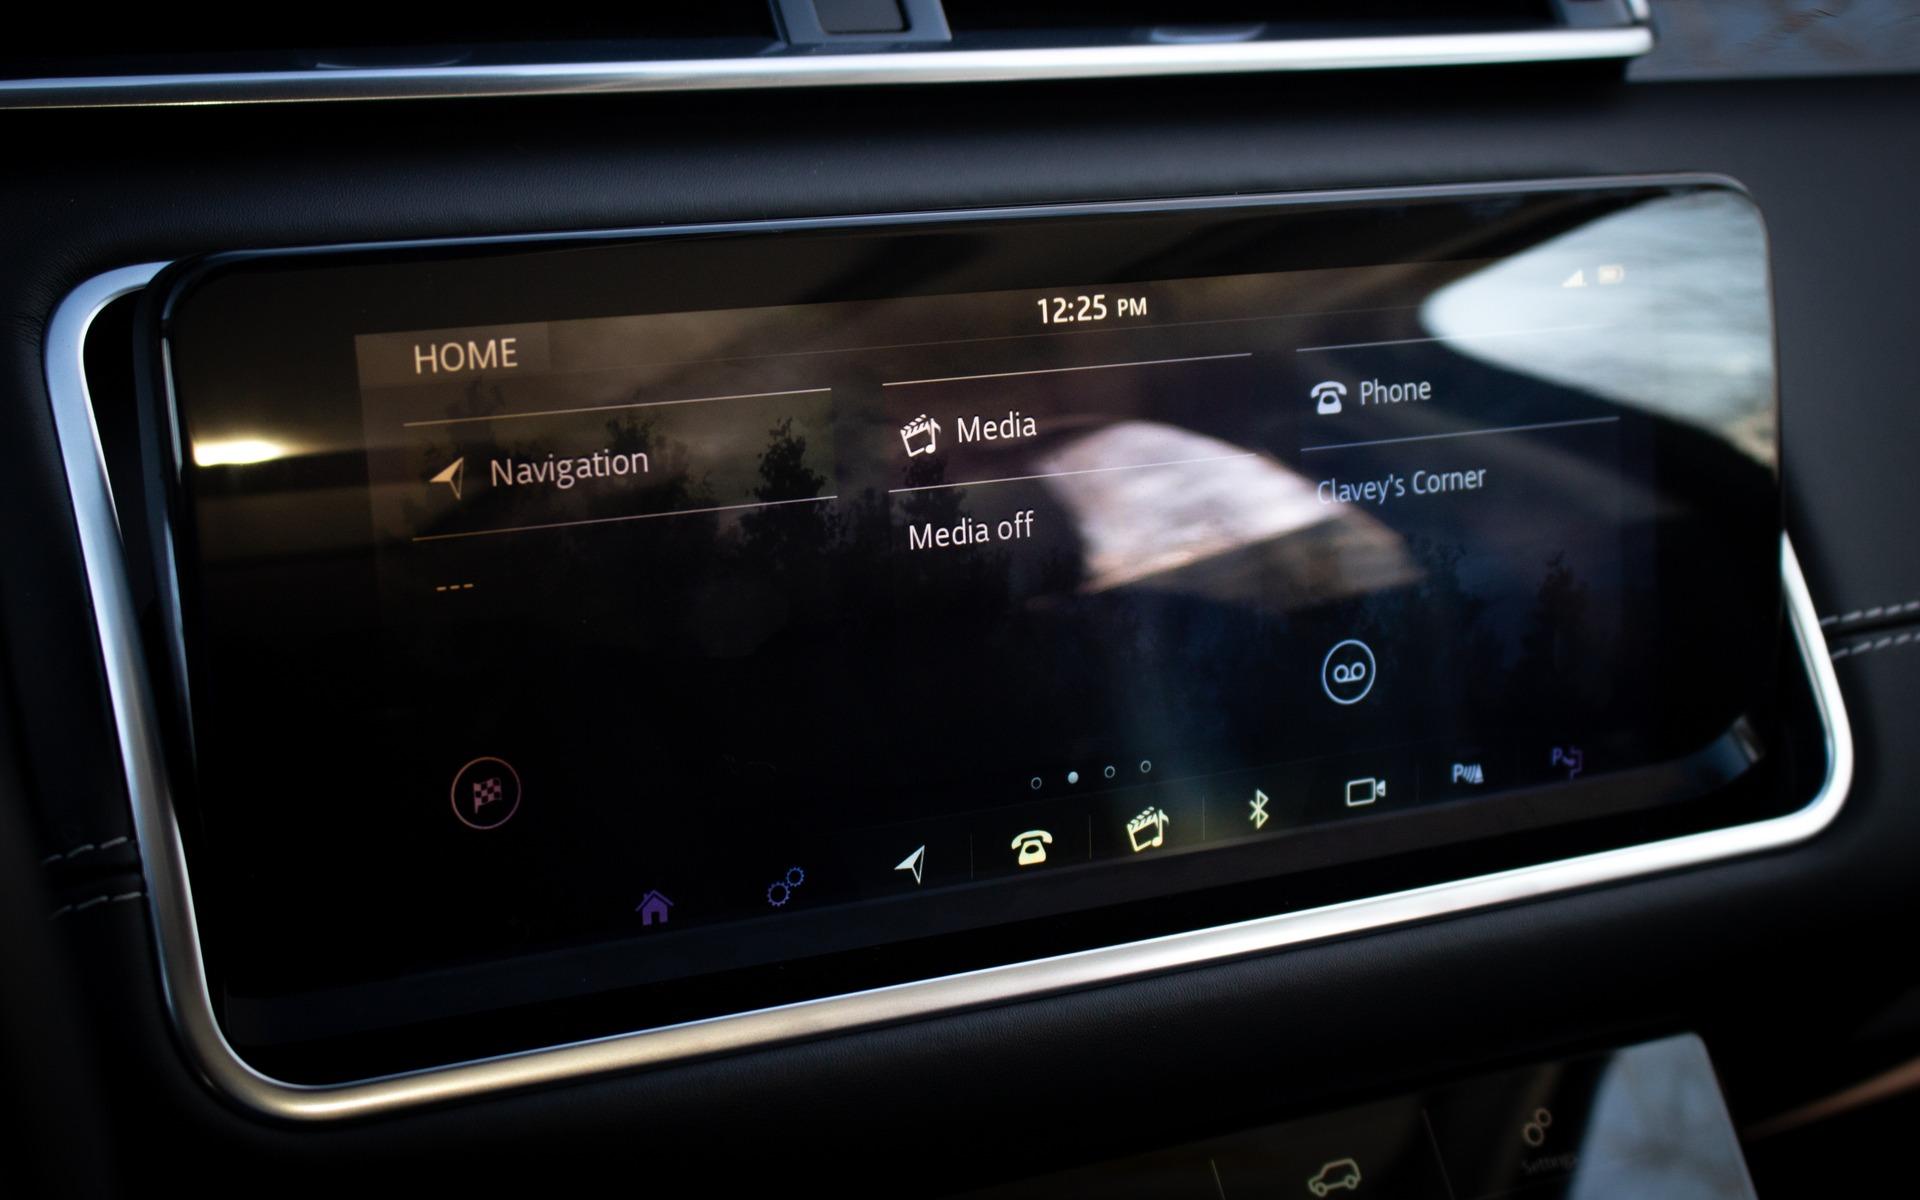 Range Rover Velar 2019 : battre la concurrence avec le style 365797_Range_Rover_Velar_2019_battre_la_concurrence_avec_le_style